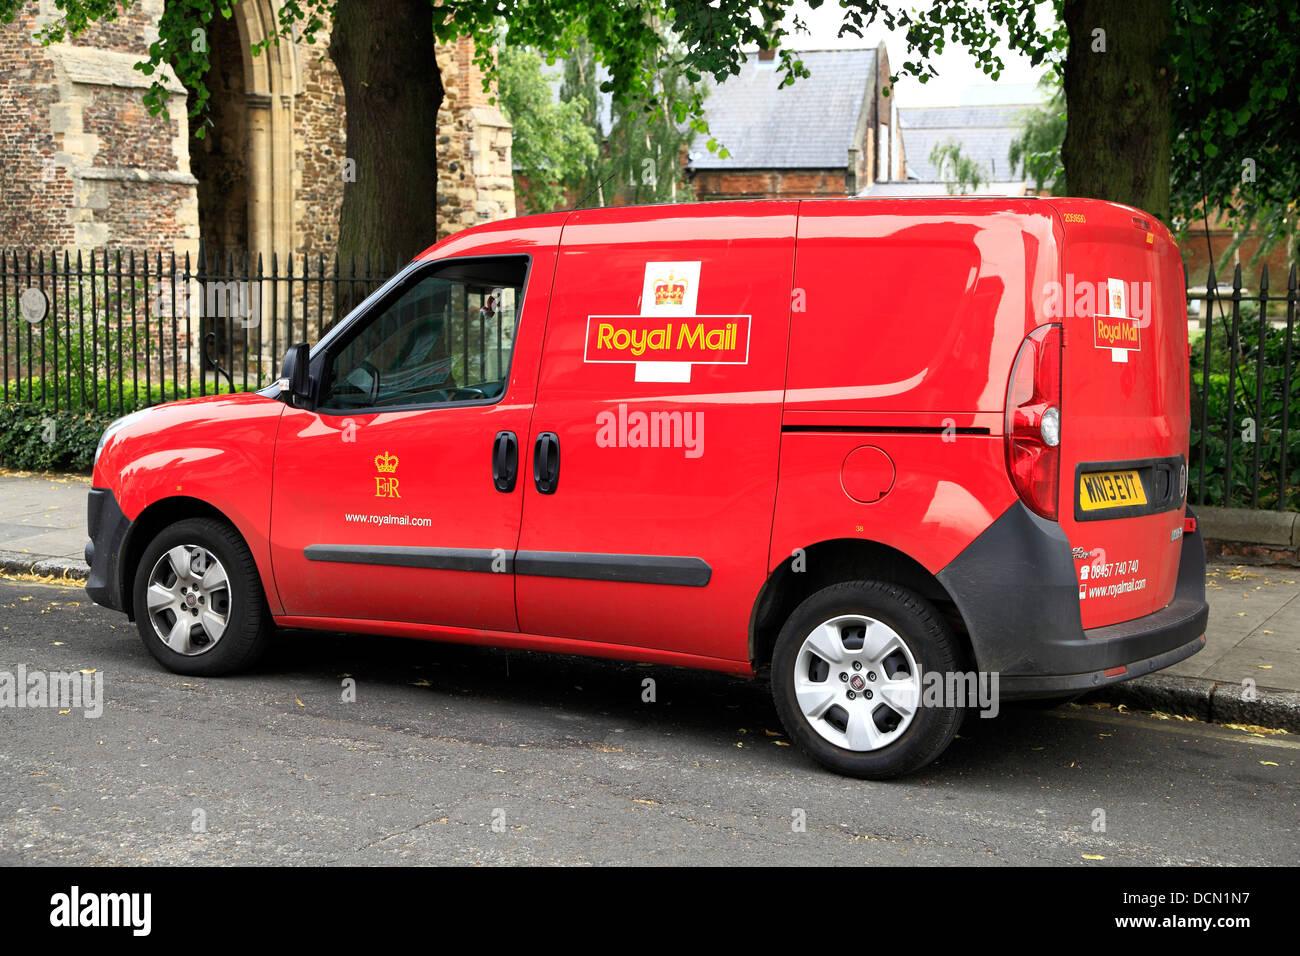 Royal Mail van, vehículo, Inglaterra, Reino Unido, vehículos de transporte Vans Imagen De Stock